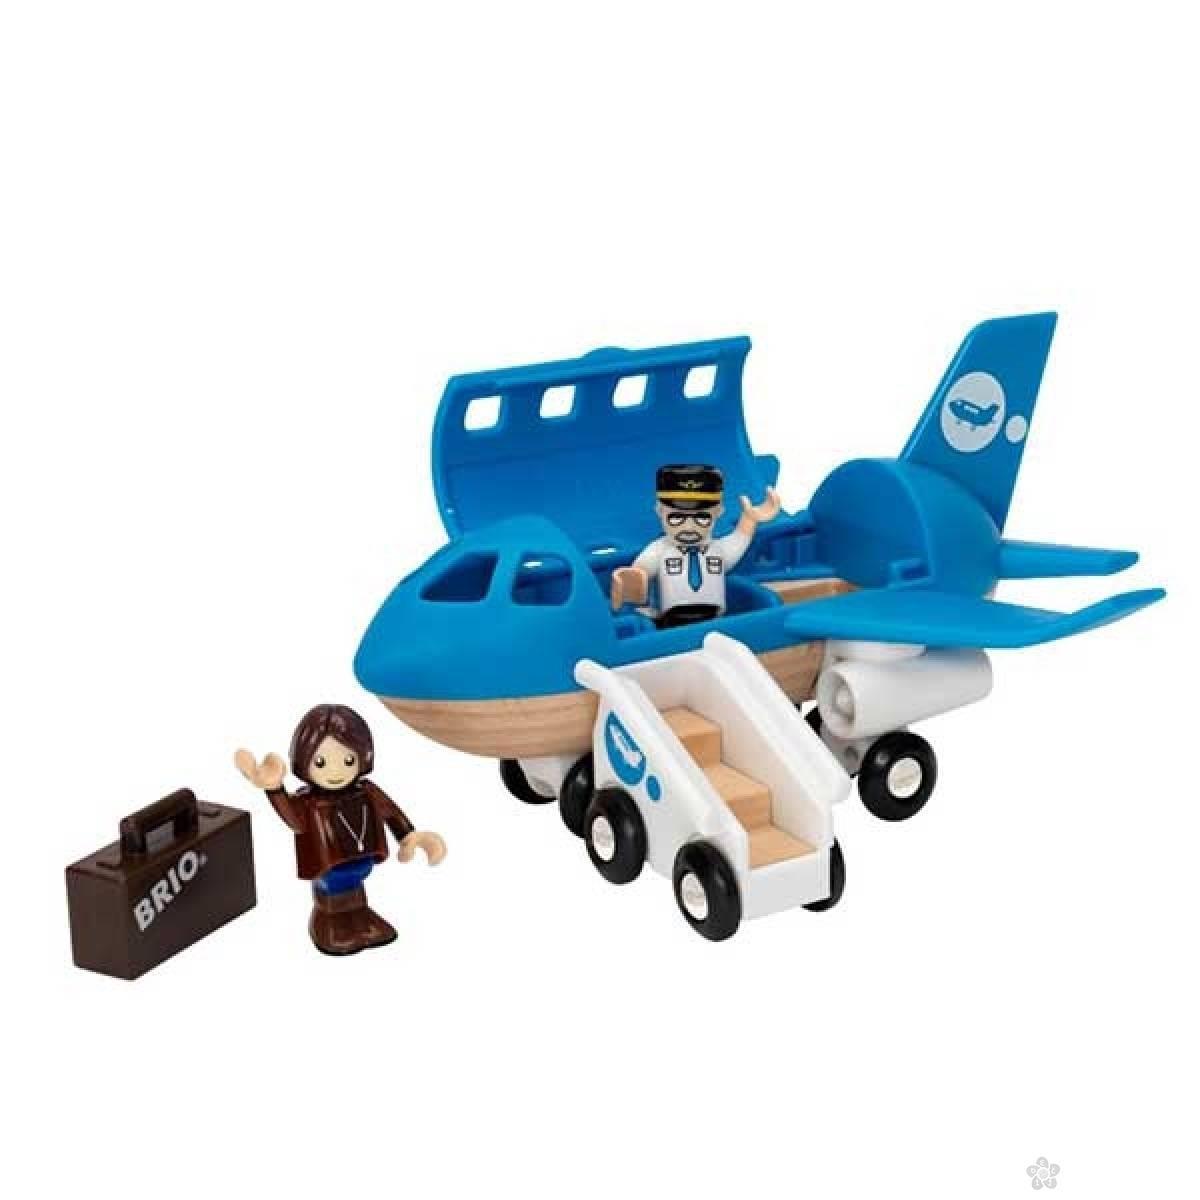 Avion Brio BR33306